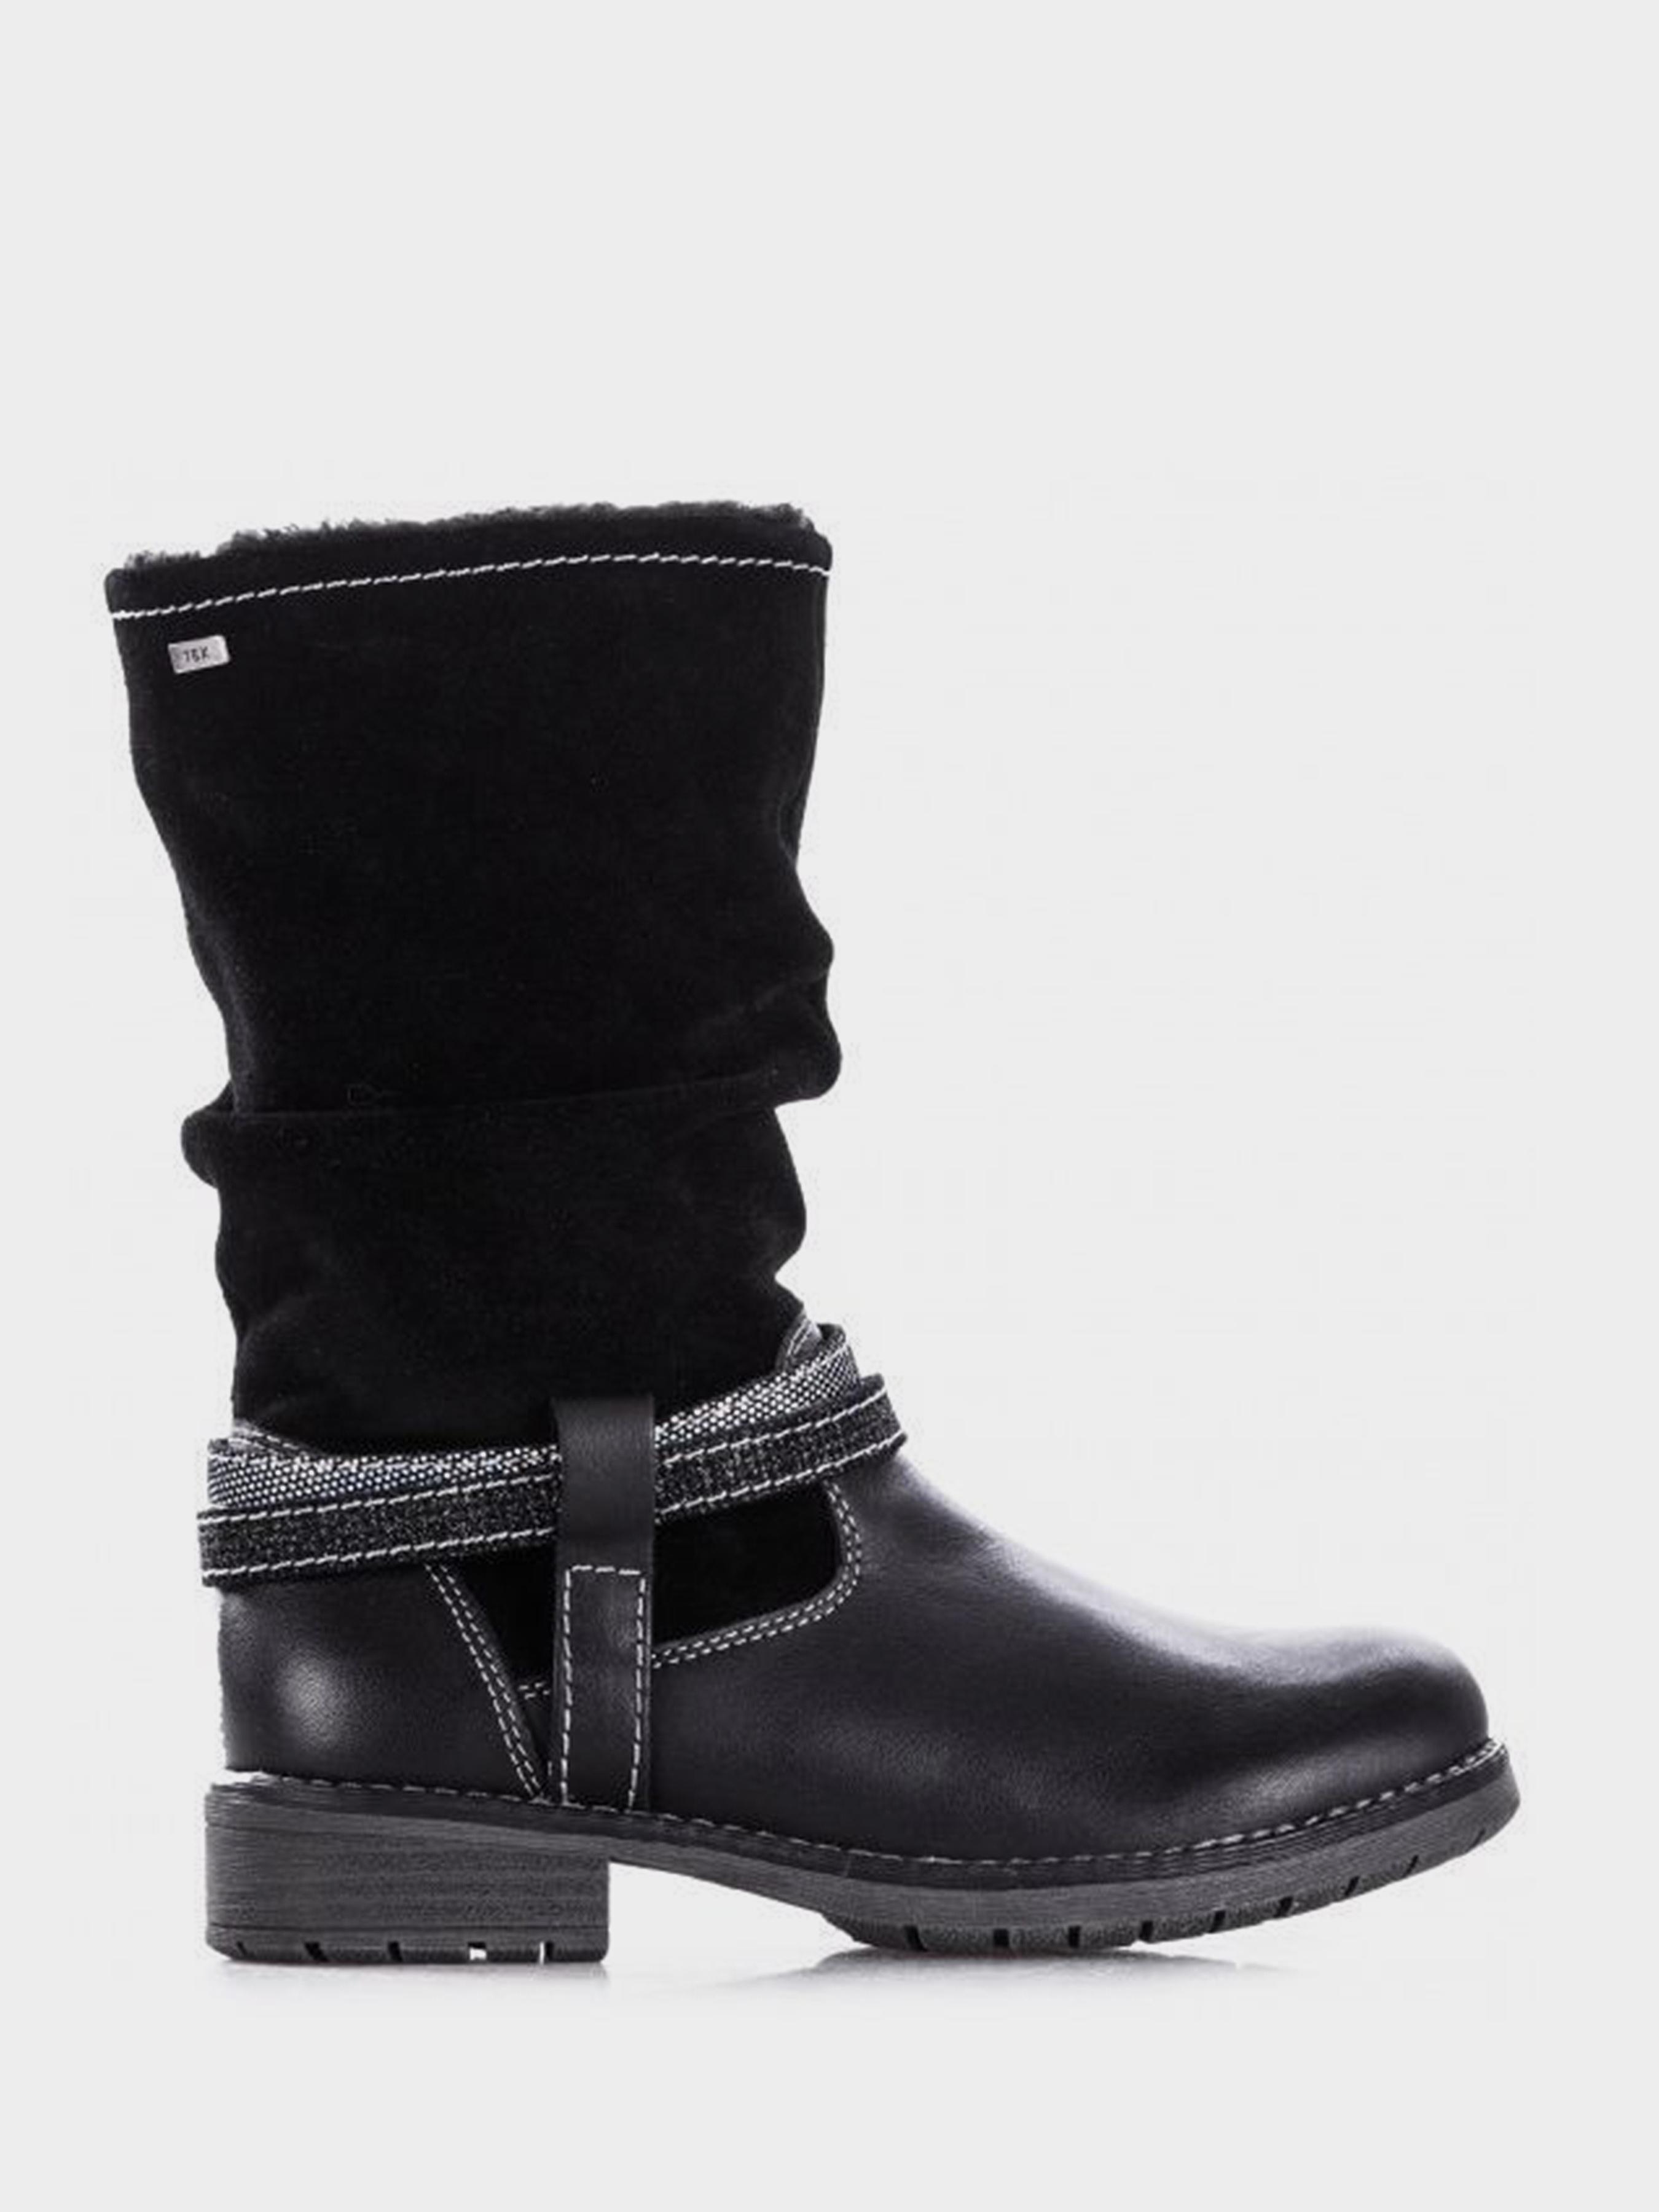 Сапоги детские Lurchi ZT220 цена обуви, 2017